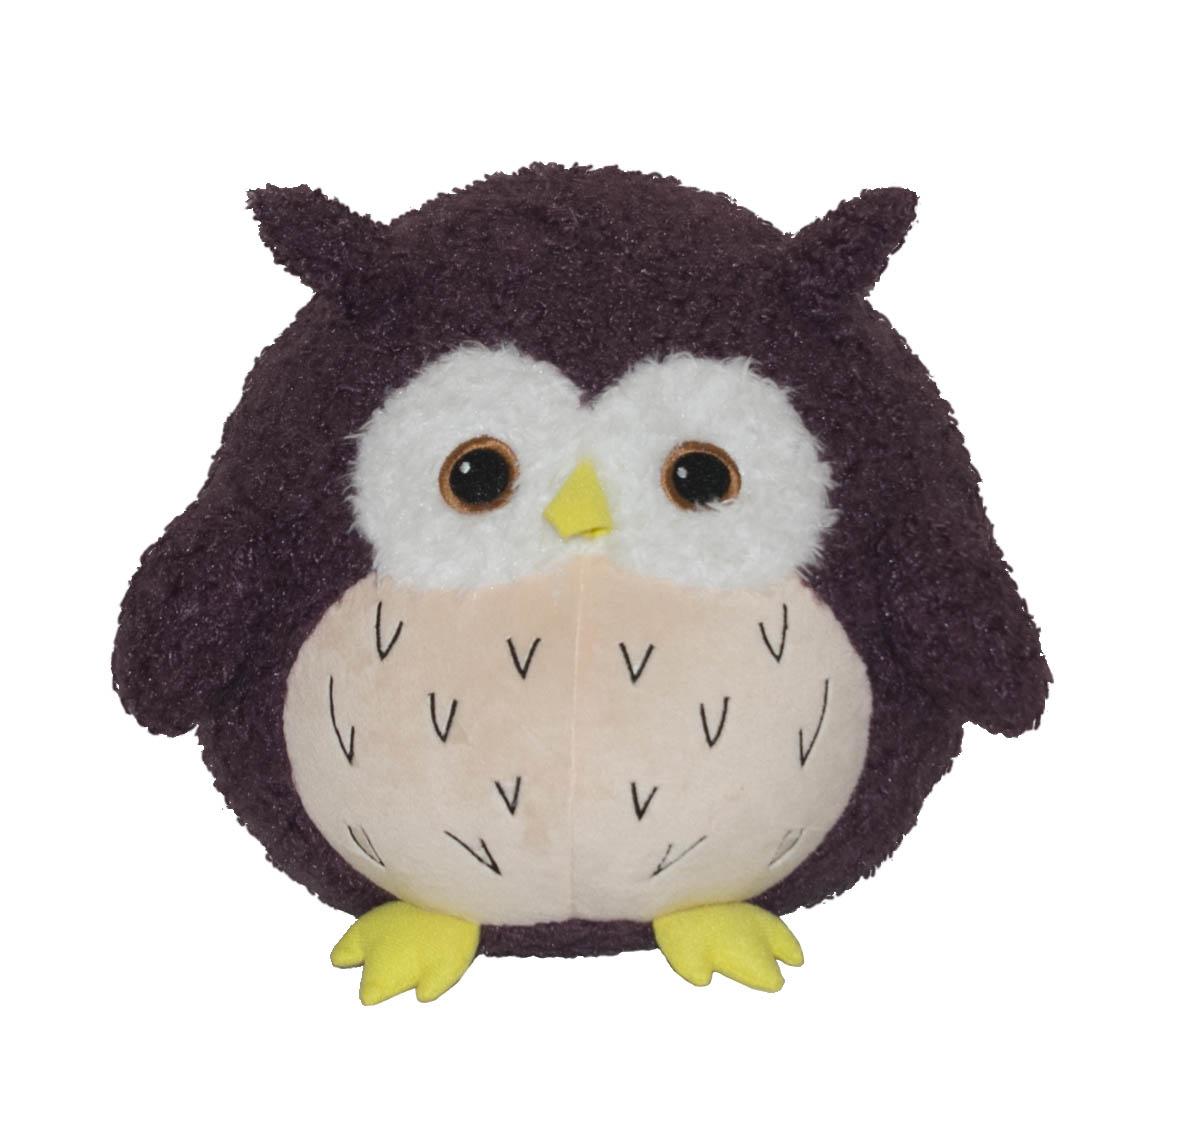 Мягкая игрушка - Сова Сычик 30 смДикие животные<br>Мягкая игрушка - Сова Сычик 30 см<br>